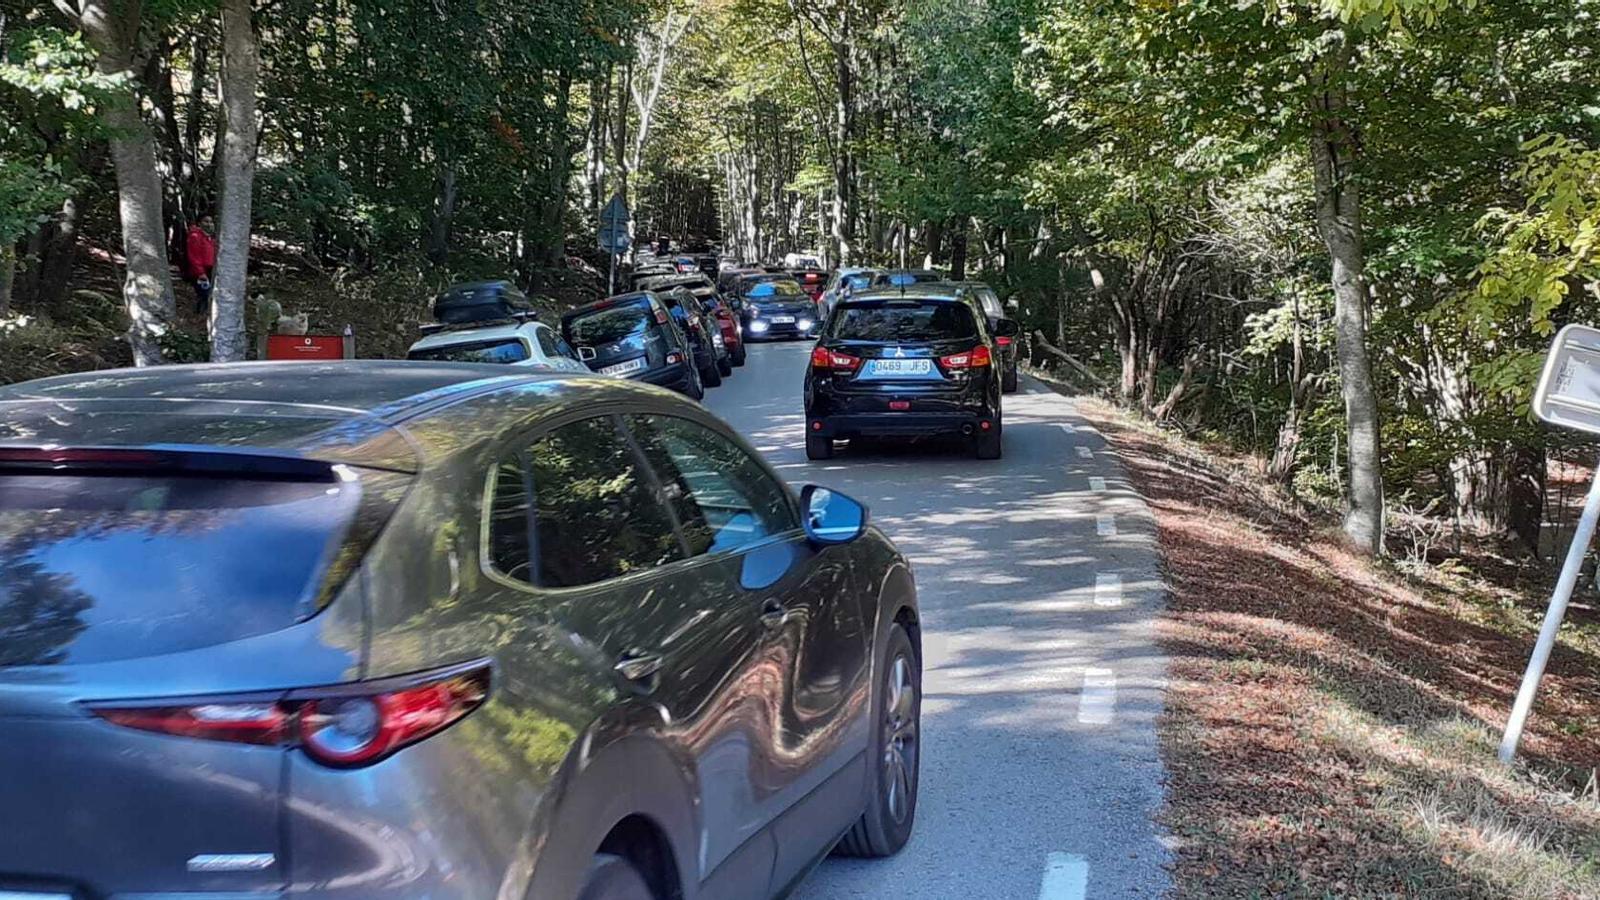 Els darrers caps de setmana s'han registrat massificacions de vehicles aparcats a les principals vies d'accés dels parcs naturals del Montseny i de Sant Llorenç